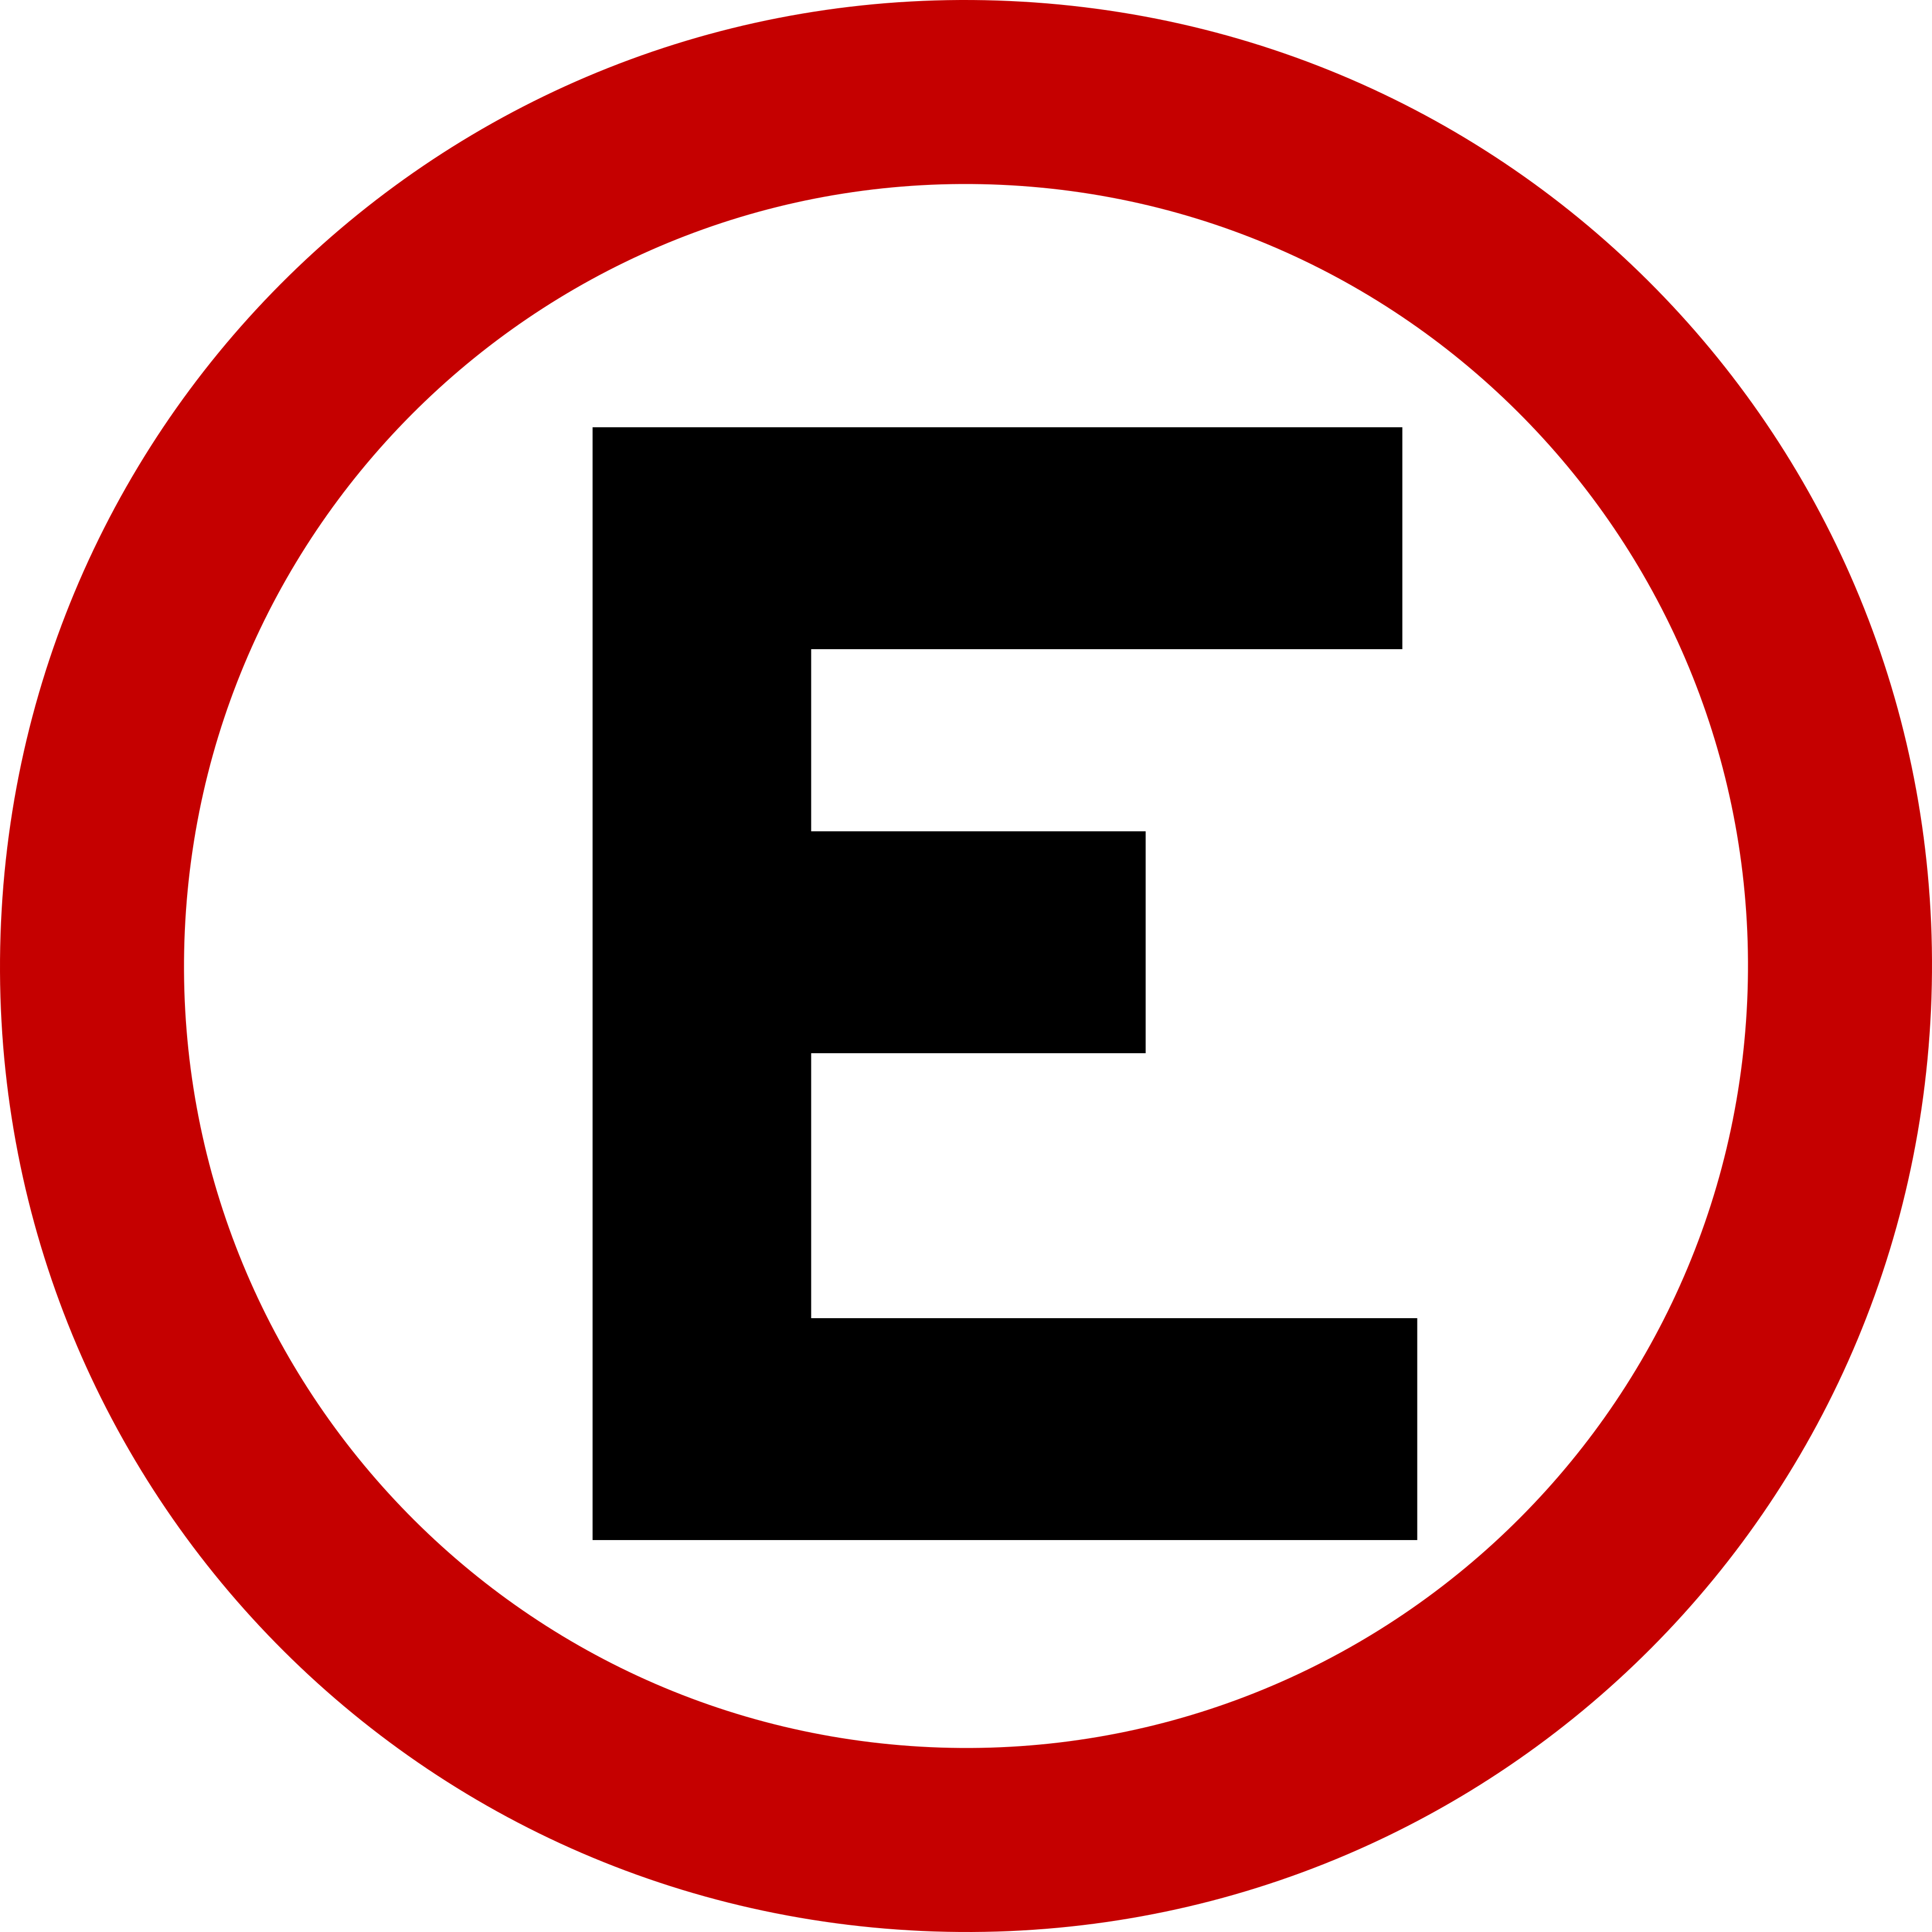 placa-estacionamento-estacionar